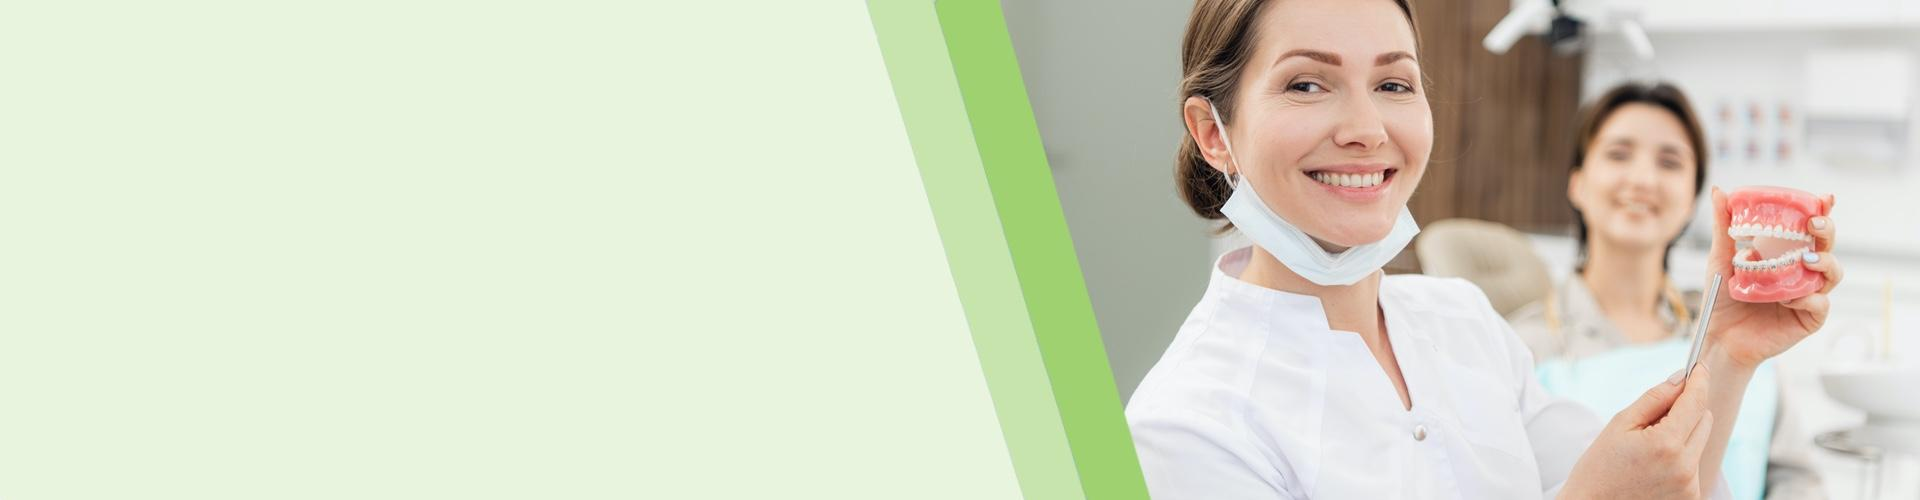 Oral hygiene treatments